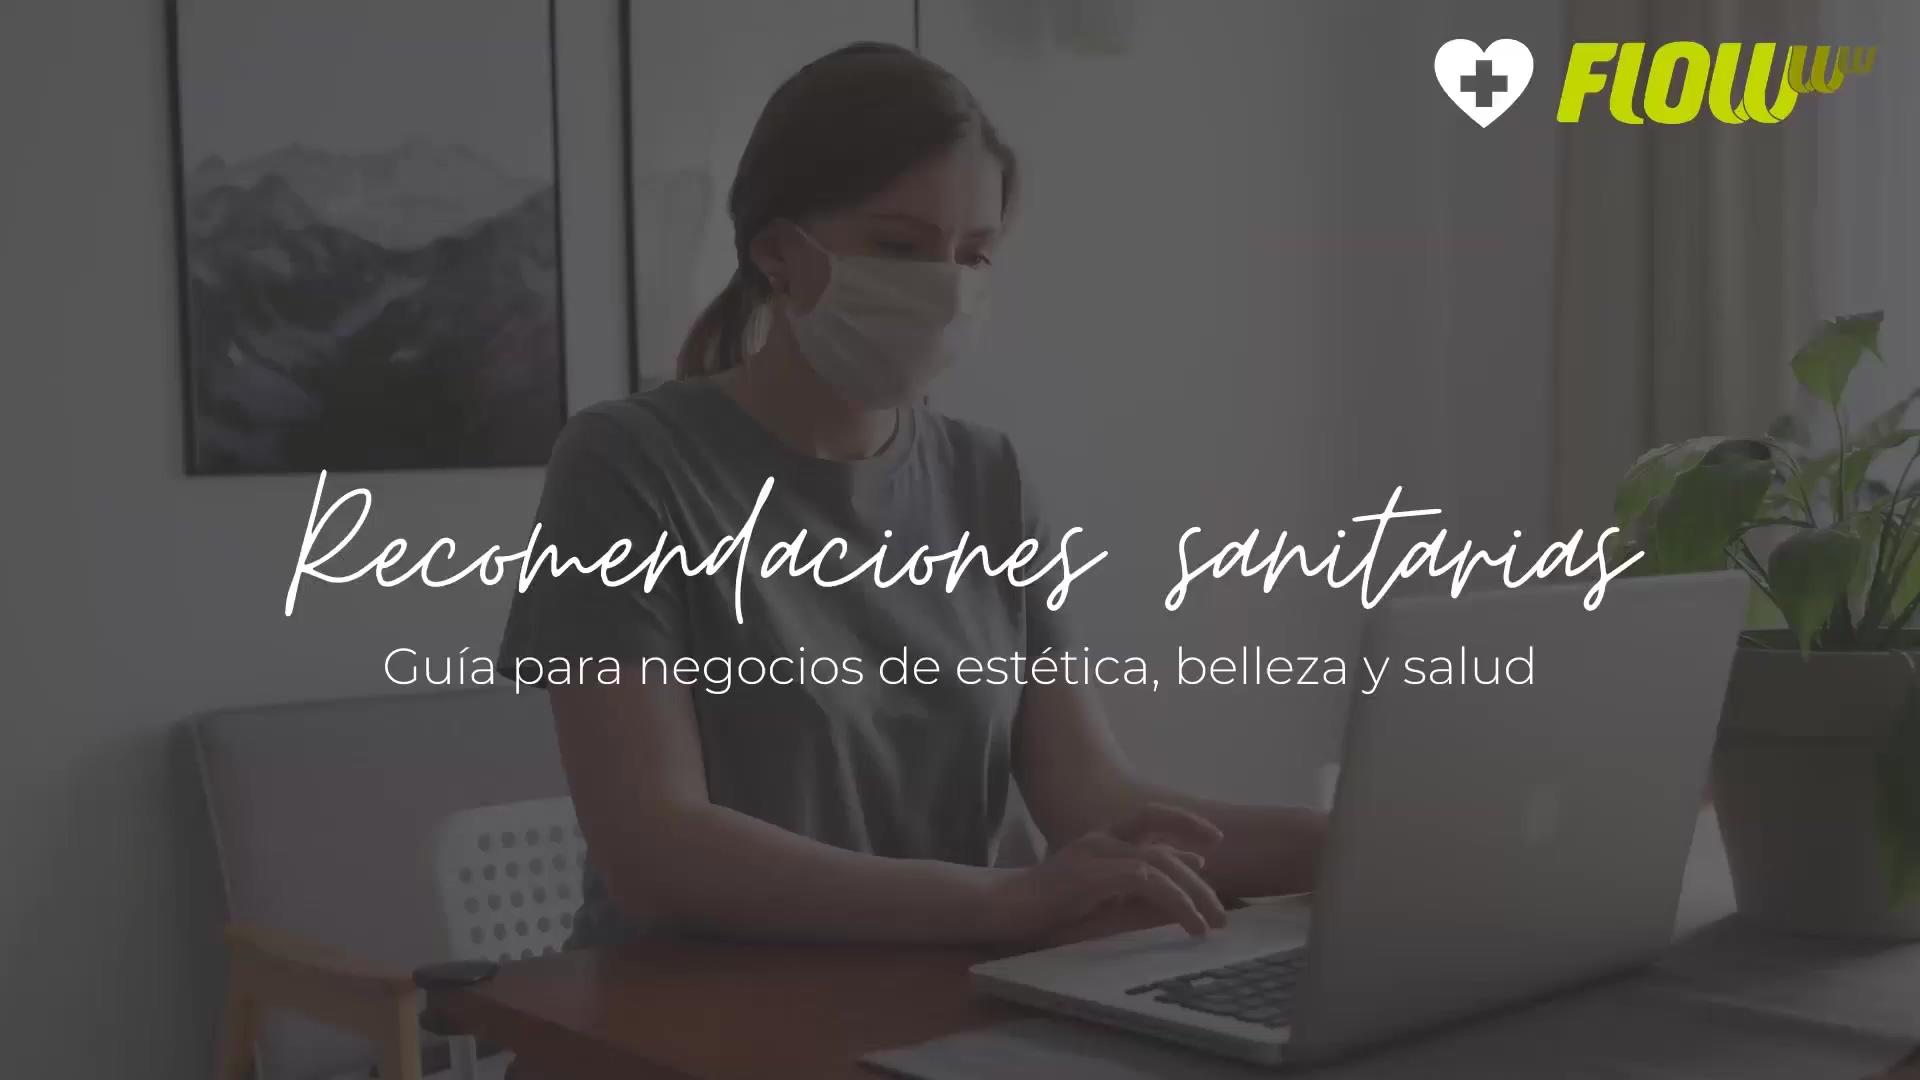 Video_Guia con recomendaciones sanitarias para negocios de estetica belleza y salud